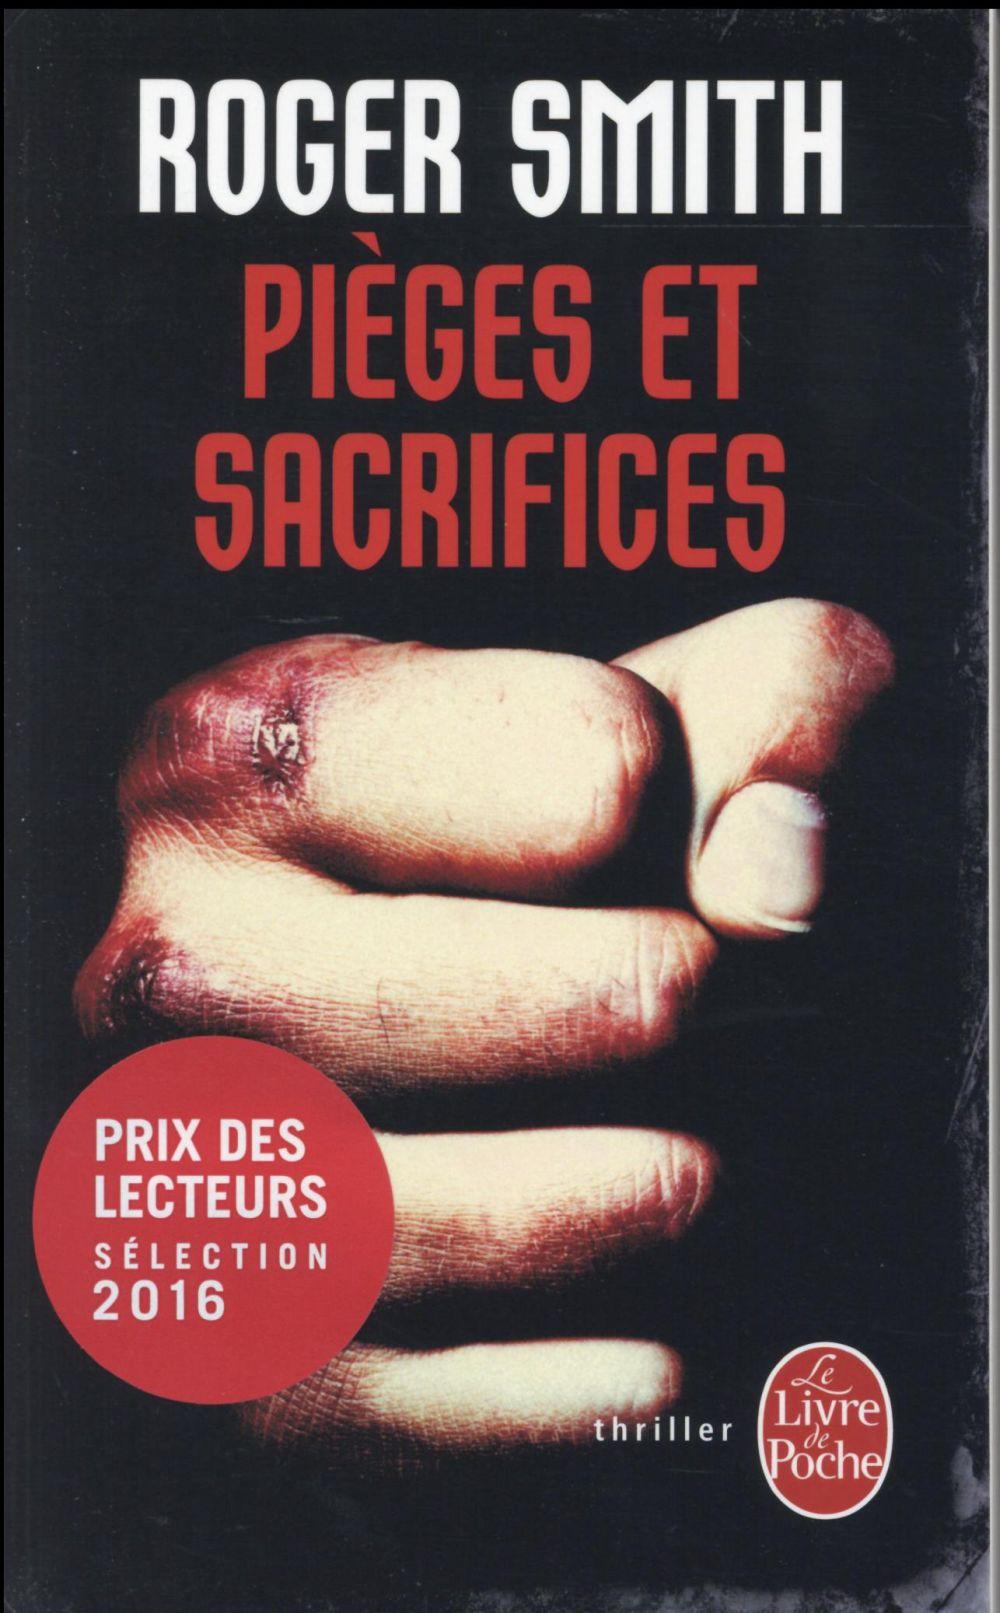 Pièges et sacrifices